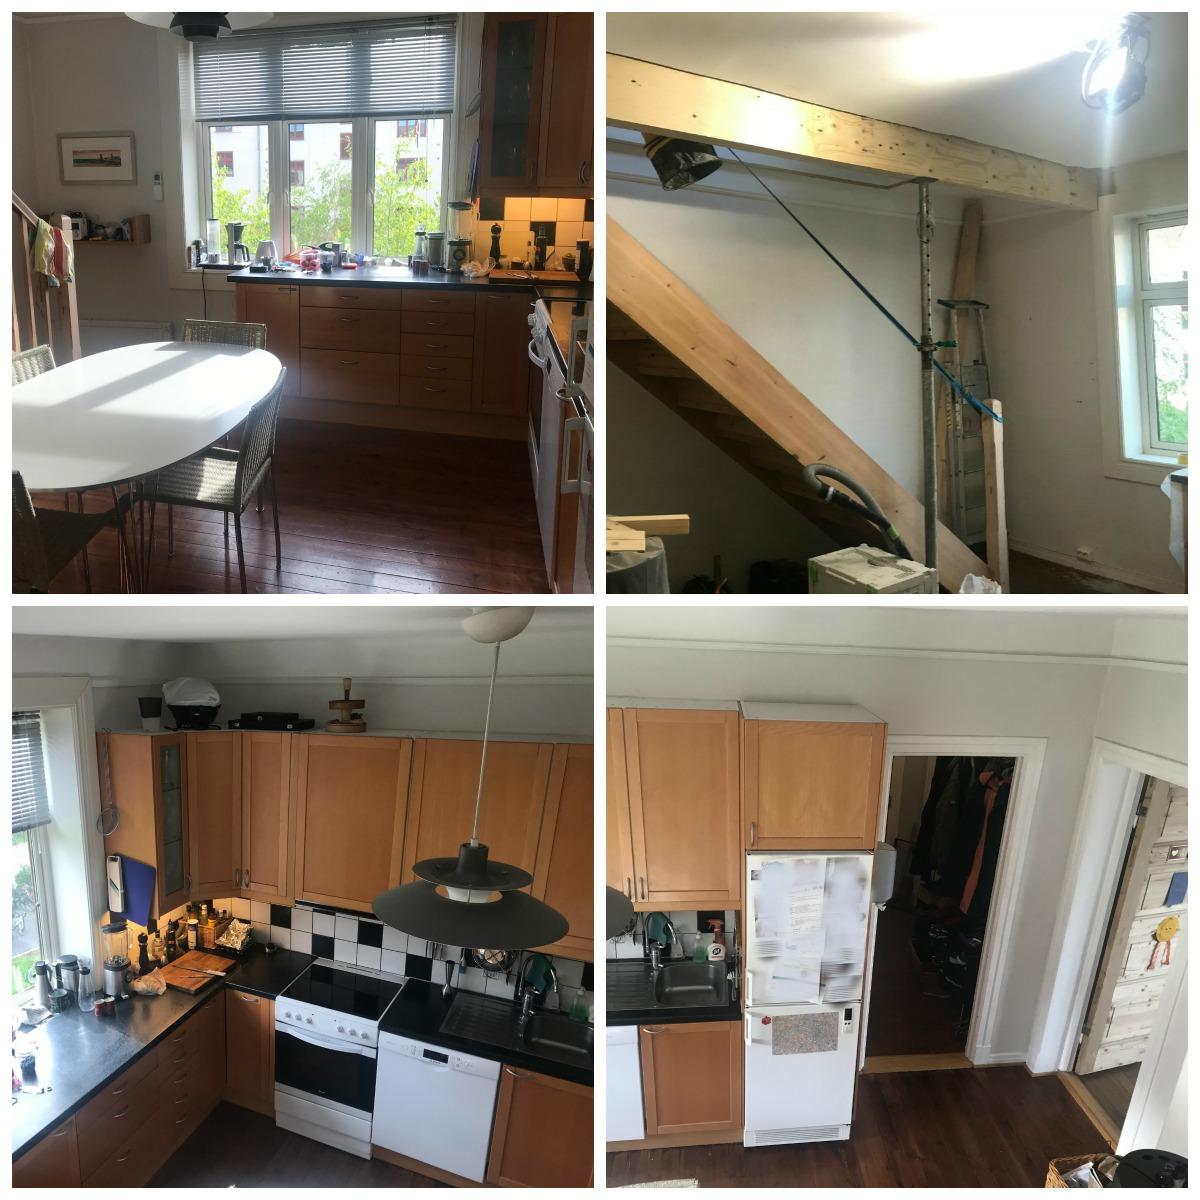 Kjøkkenet med trapp som må utnyttes bedre